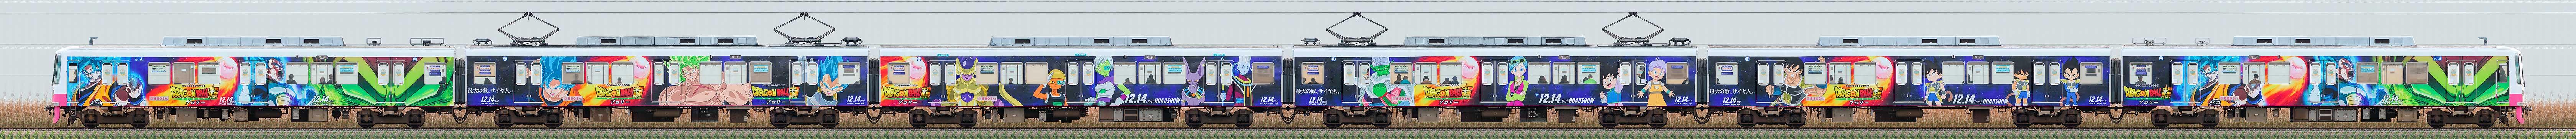 新京成8800形8803編成「ドラゴンボール超 ブロリー」電車(海側)の編成サイドビュー